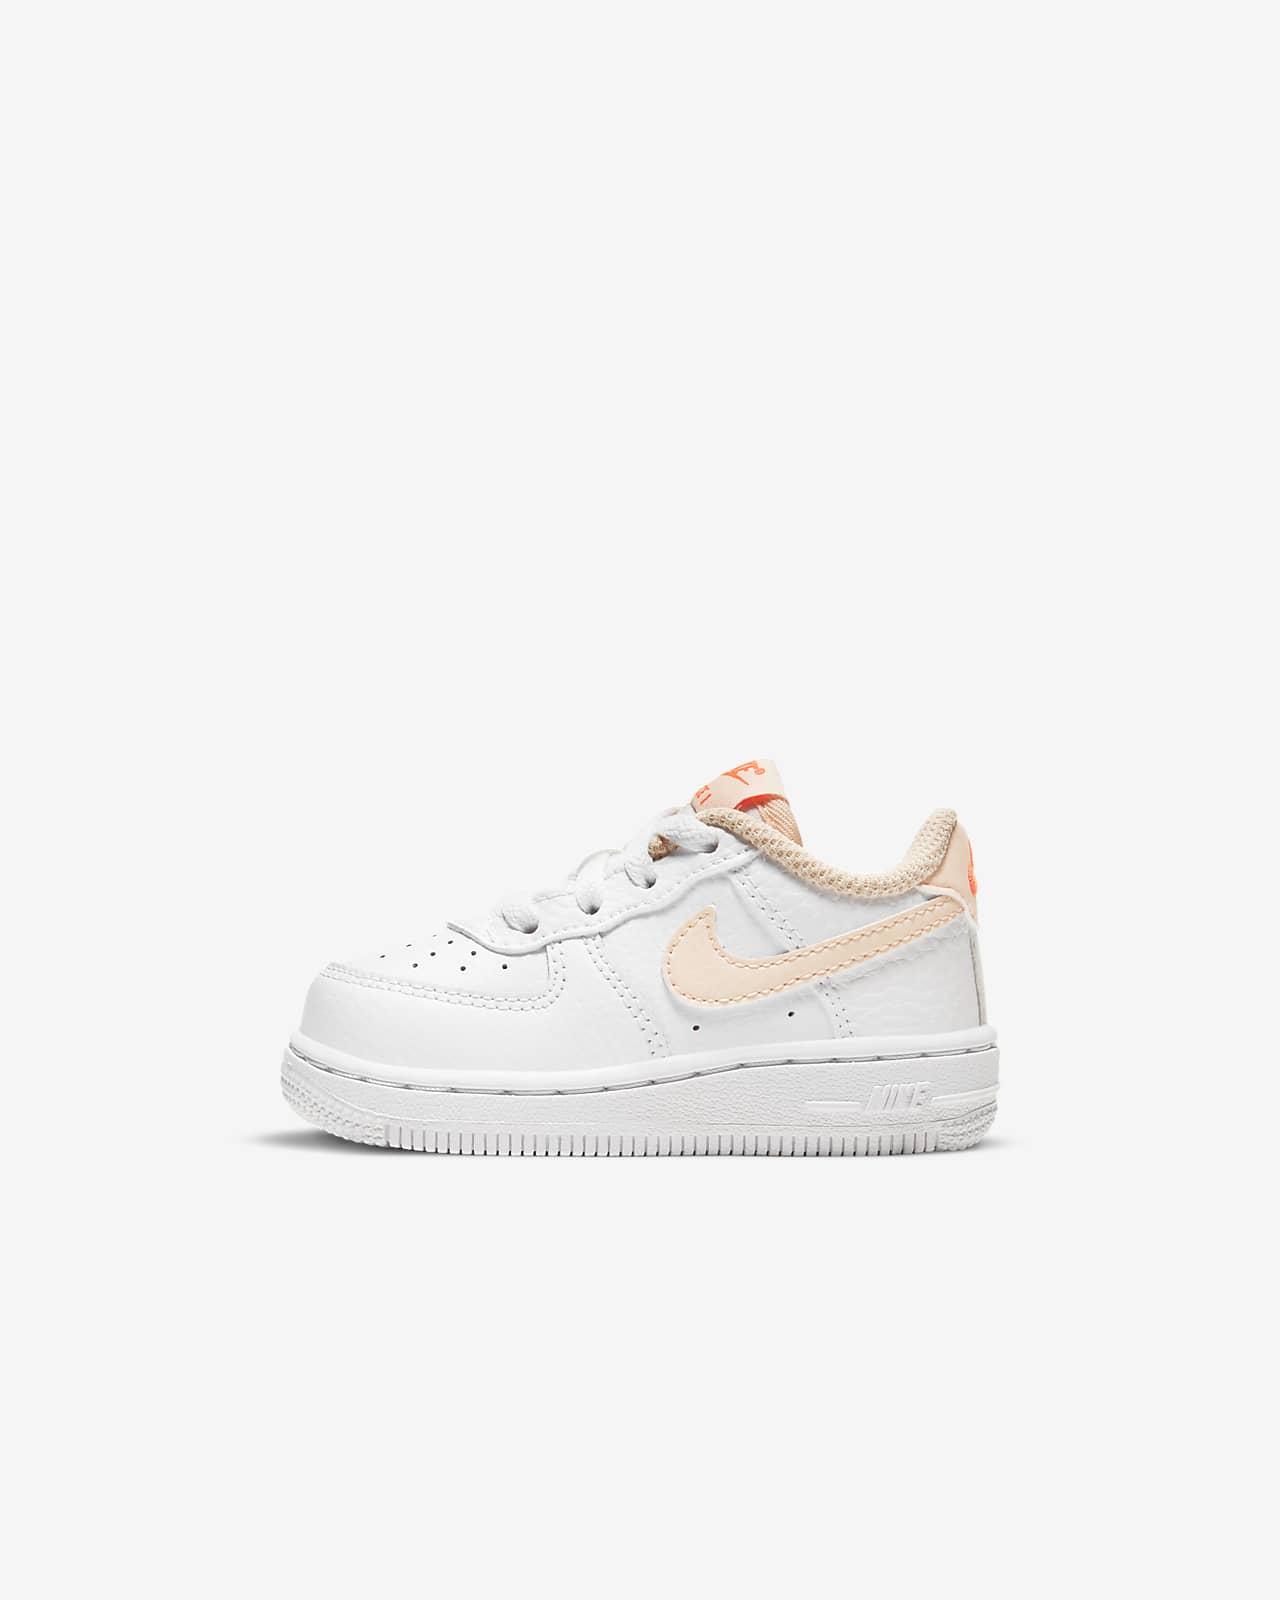 Nike Force 1 Baby/Toddler Shoe